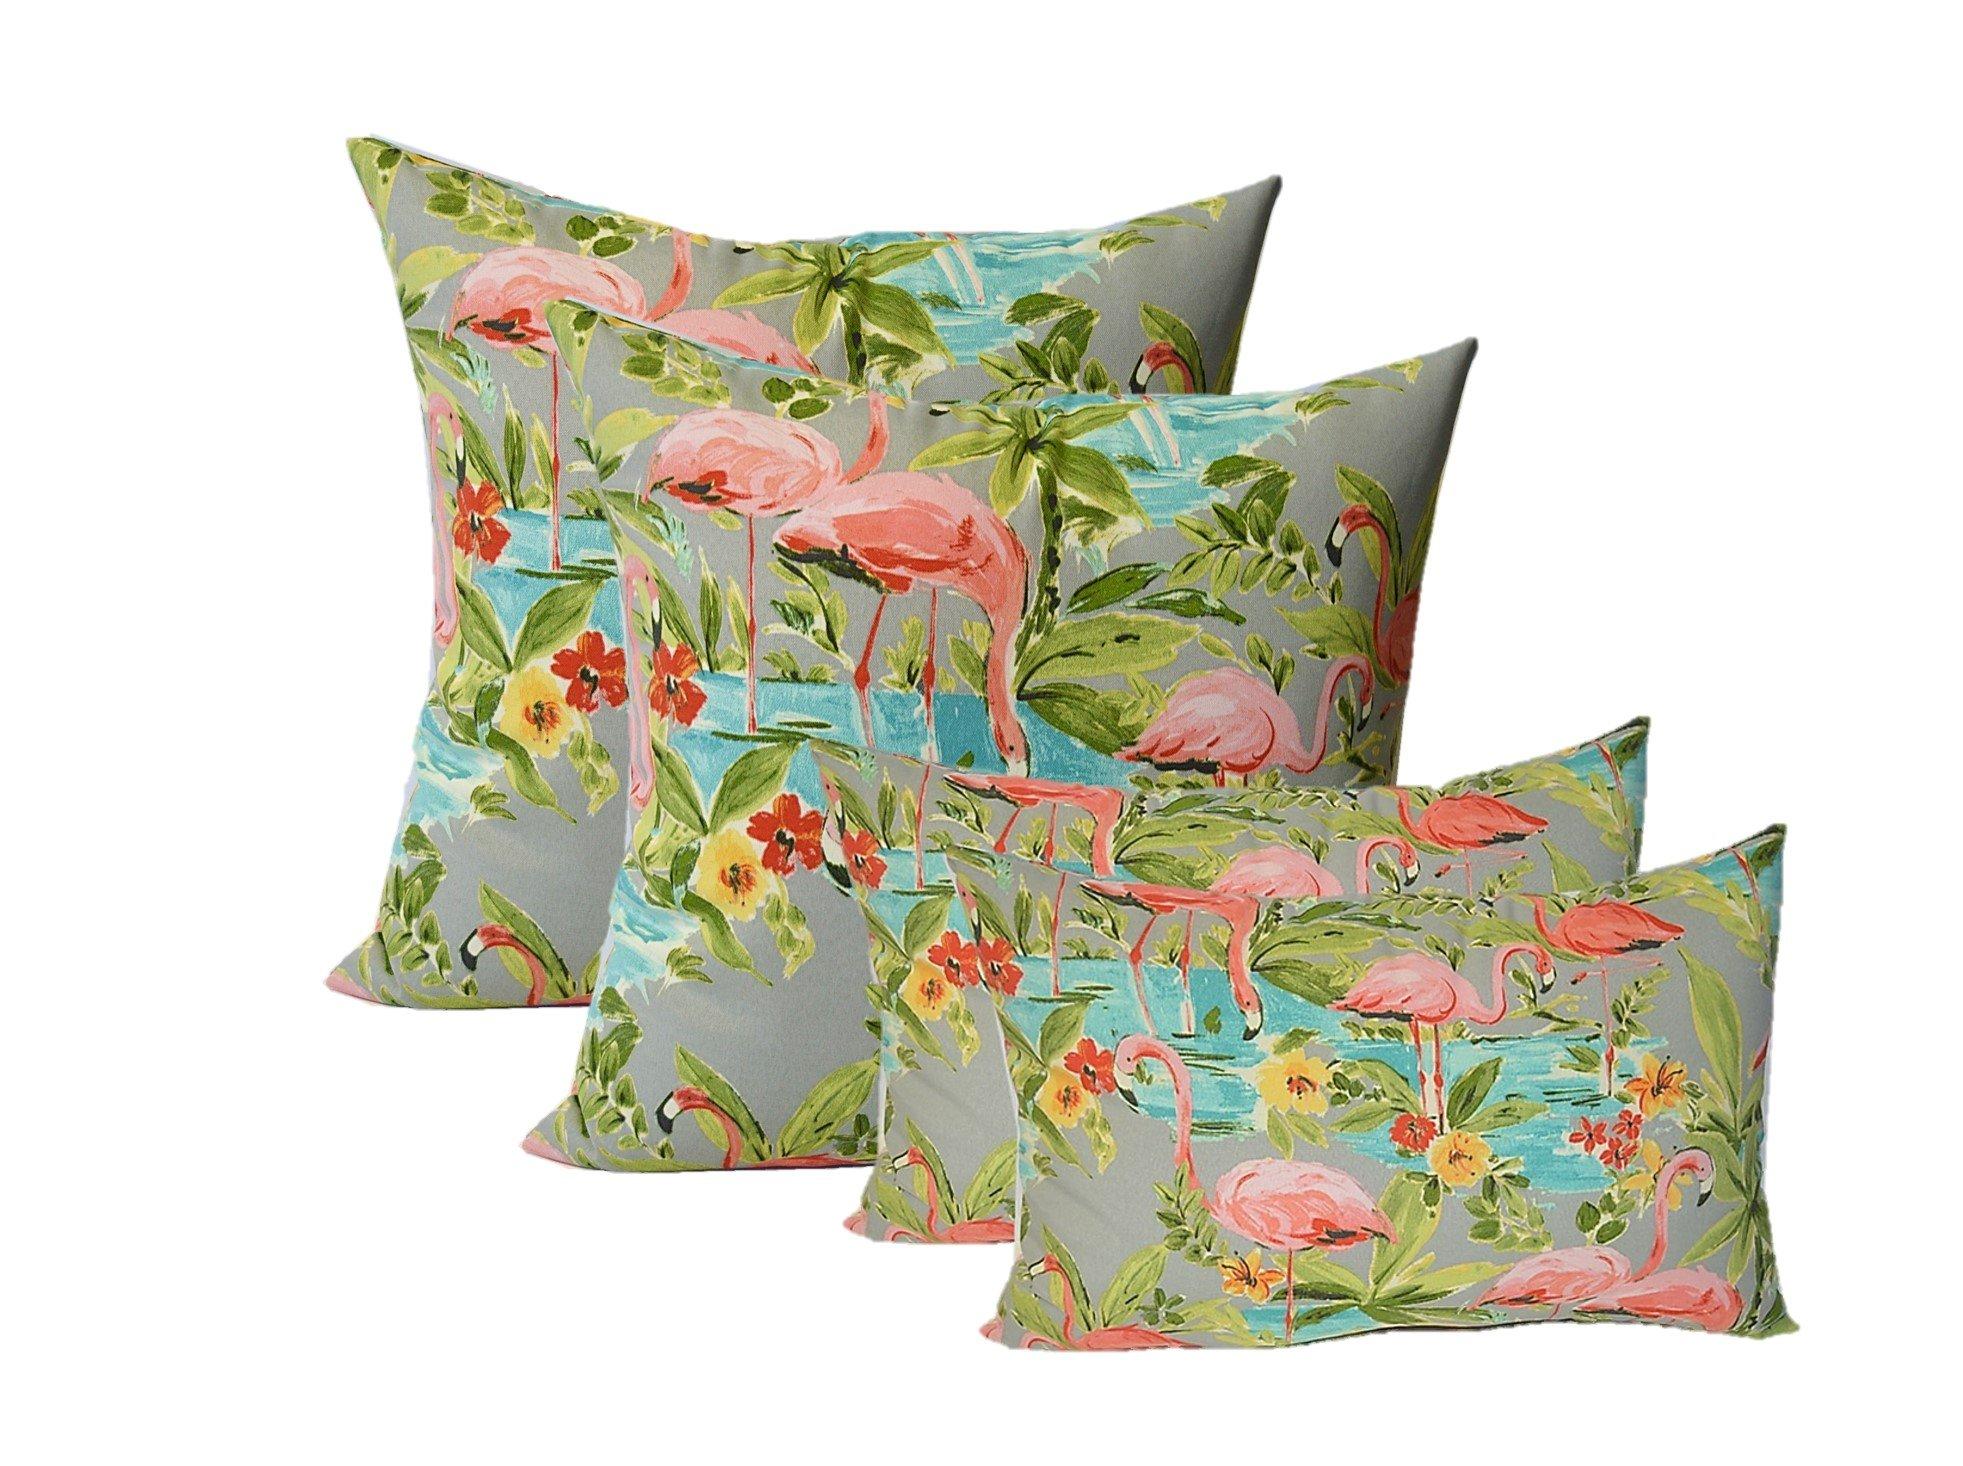 Set of 4 Indoor / Outdoor Pillows - 17'' Square Throw Pillows & 11'' x 19'' Rectangle / Lumbar Decorative Throw Pillows - Waverly Elegant Tropical Platinum Flamingo - Grey, Aqua, Green, Coral